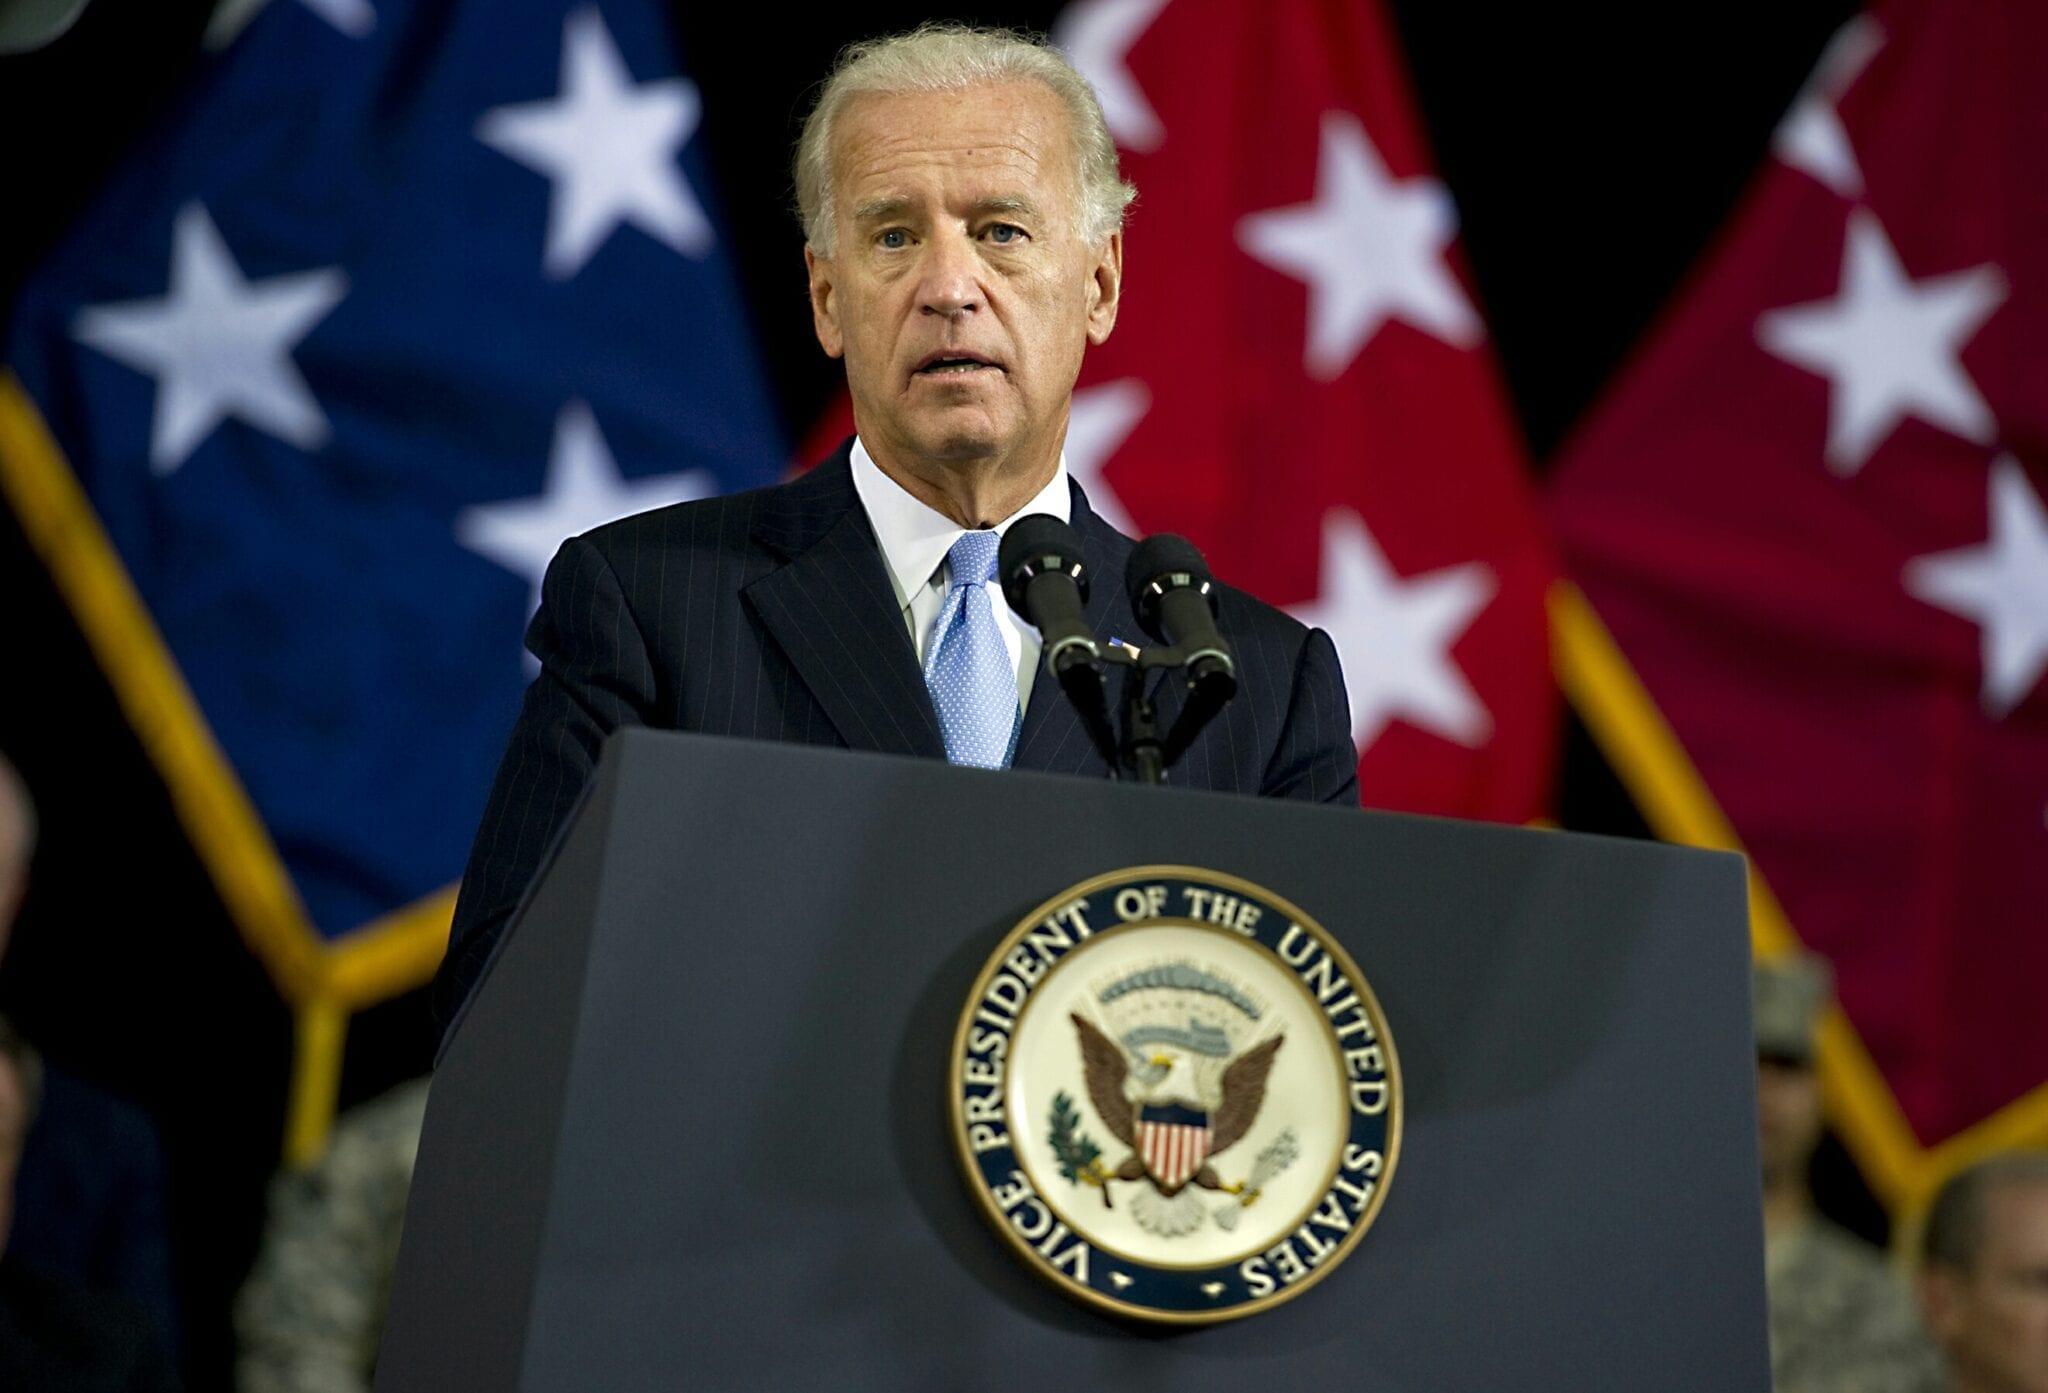 USA : Joe Biden commémore le massacre d'Afro-américains à Tulsa